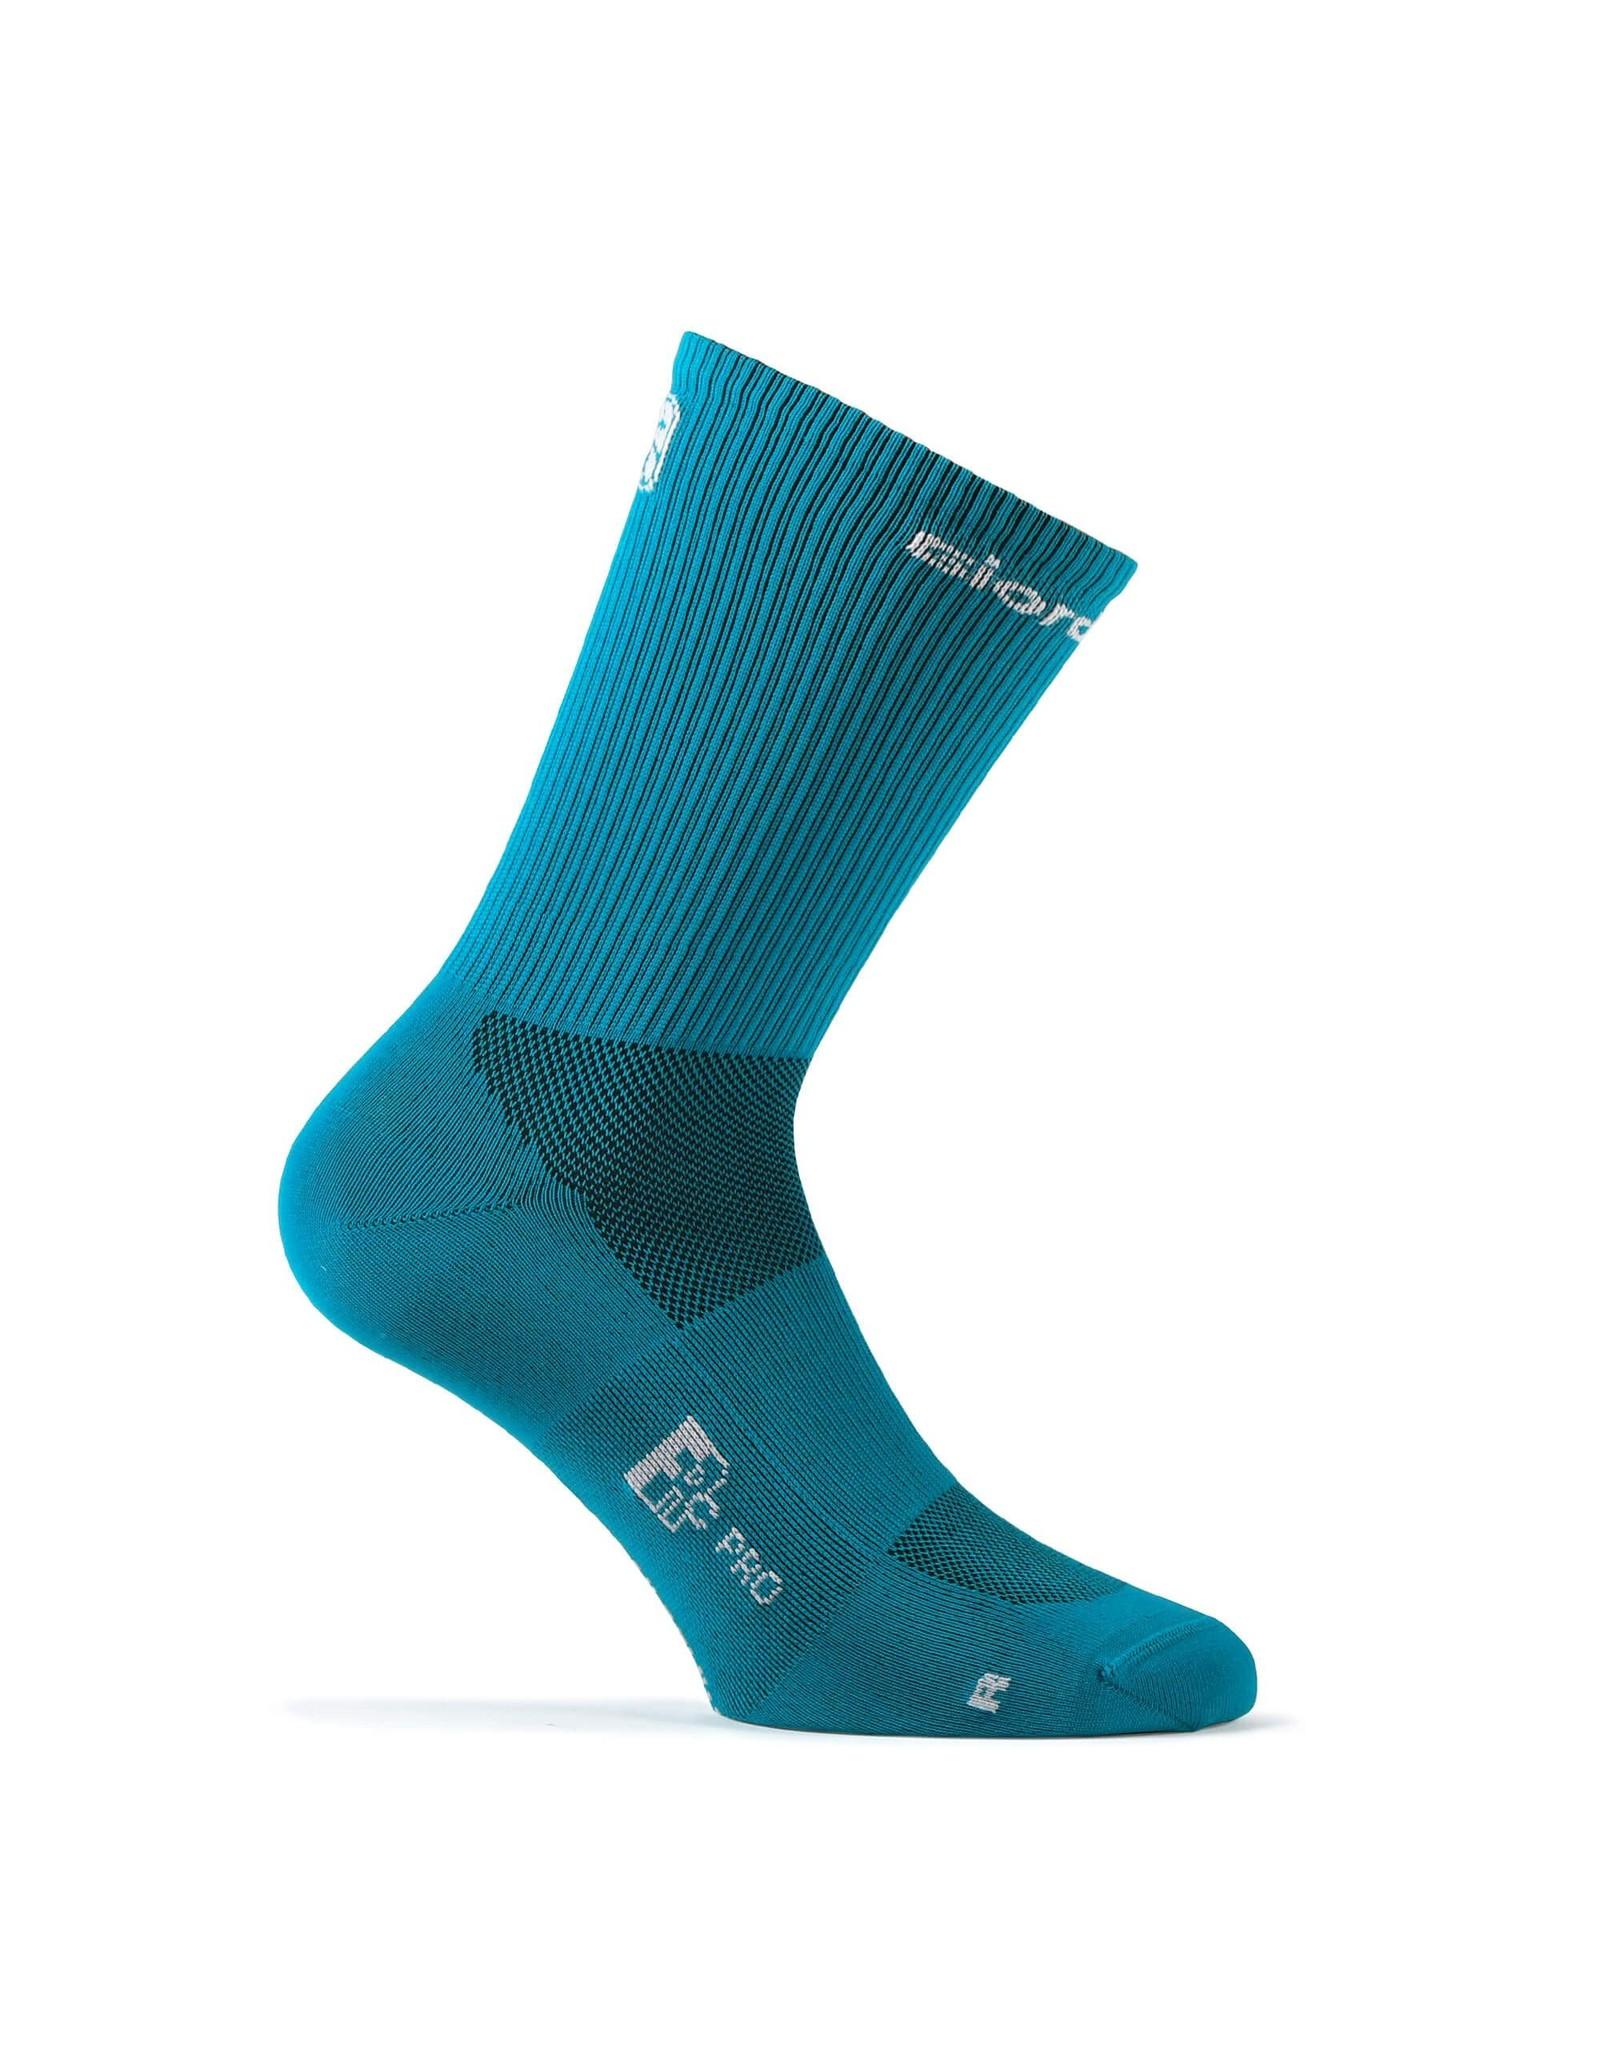 GIORDANA '21, GIORDANA, FRC Tall Cuff, Sock